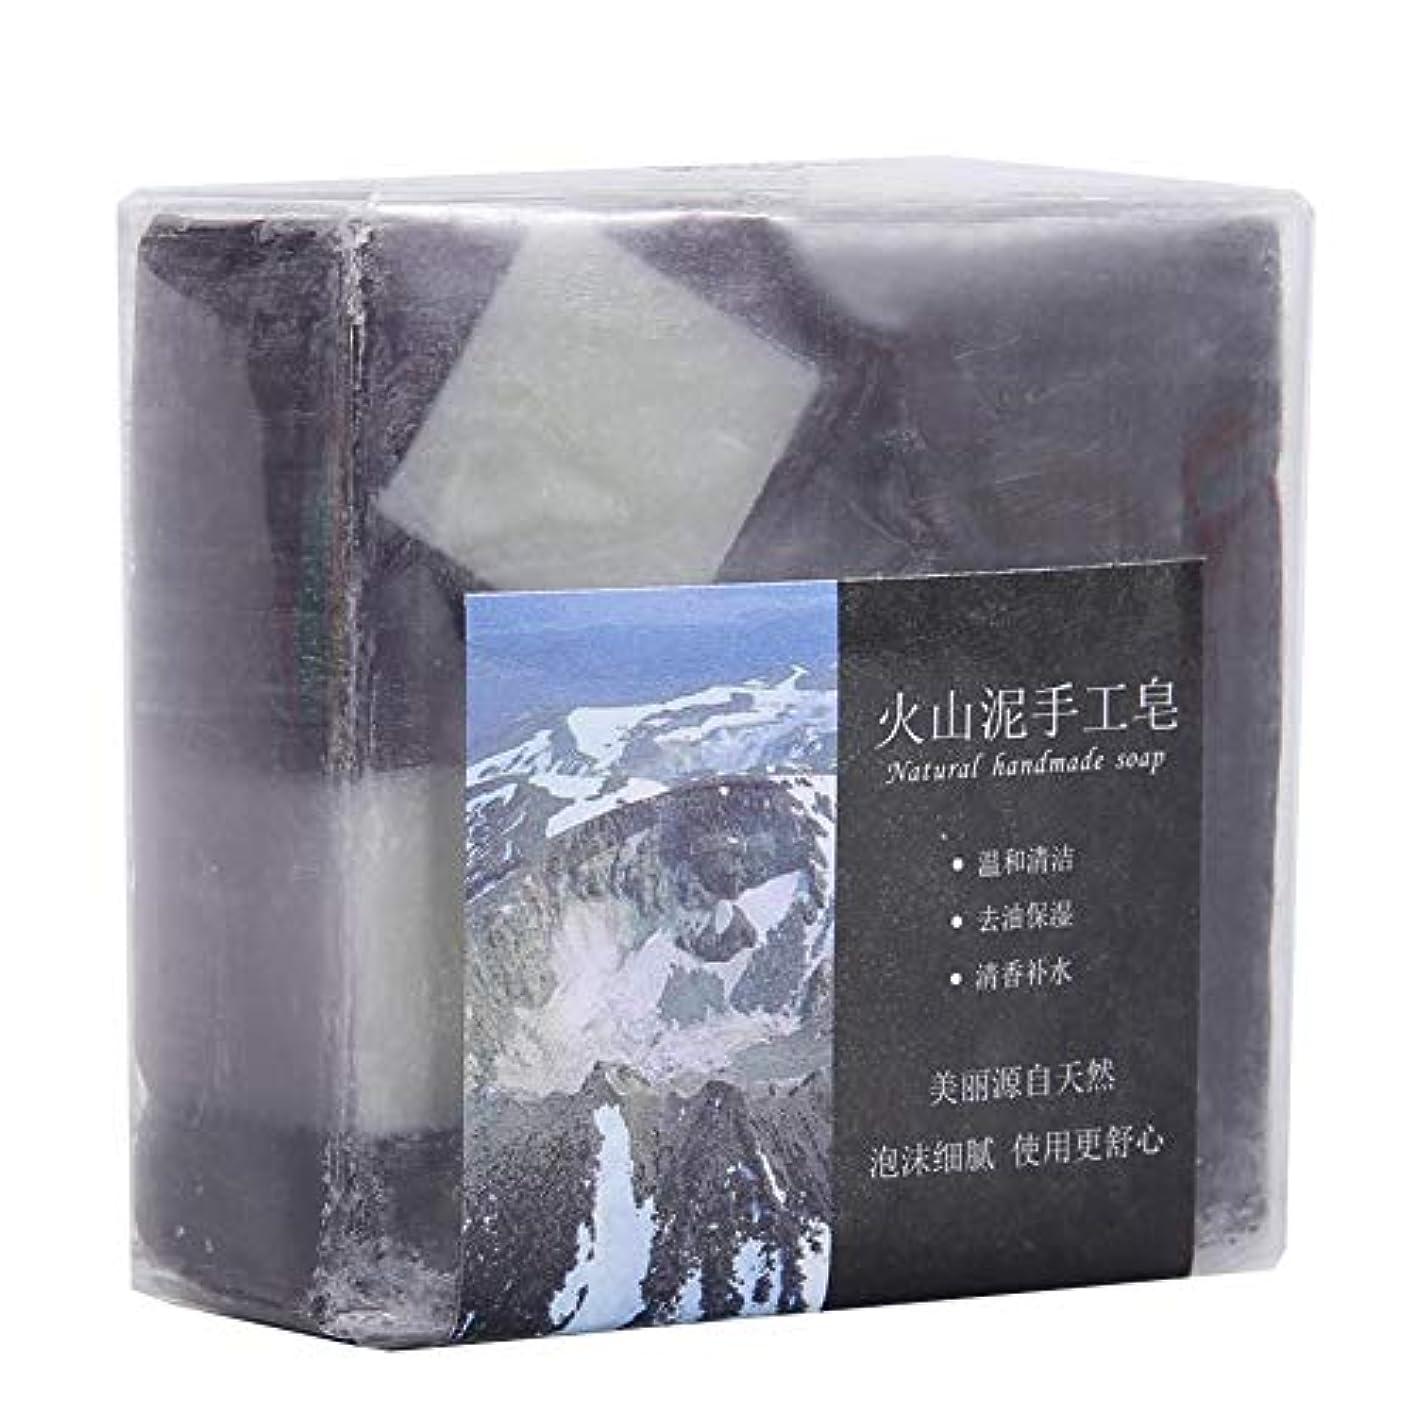 古風な社会主義者カンガルーディープクリーニング 火山泥 ハンドメイドグリース 保湿石鹸用 100 G 手作り石鹸